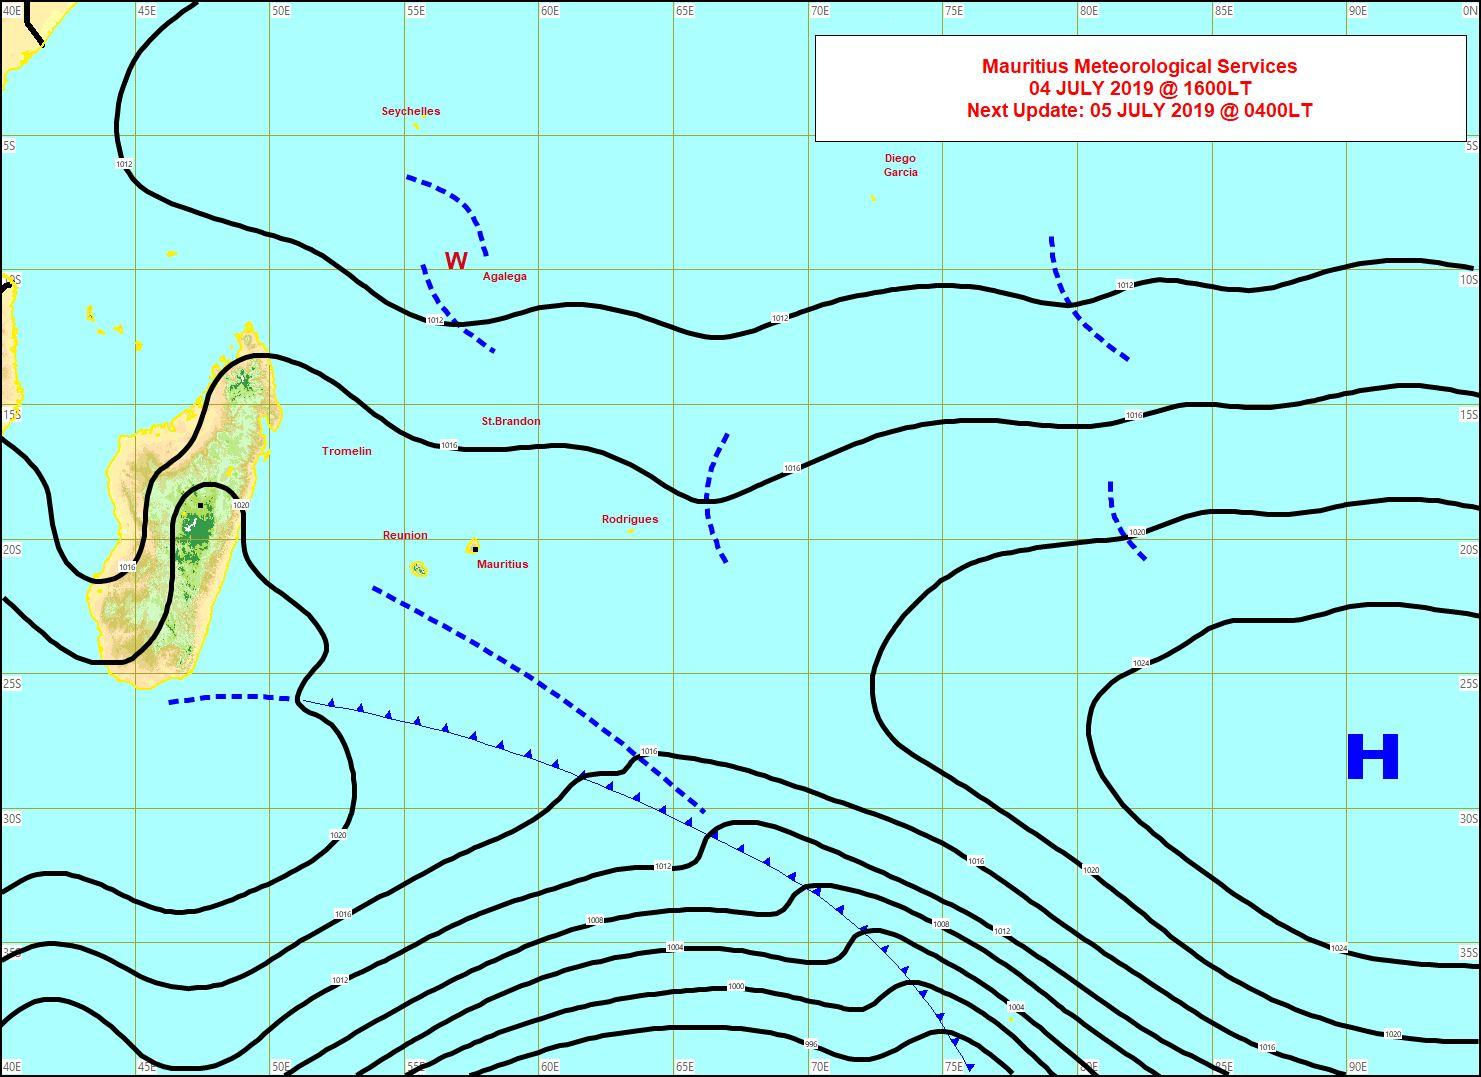 Analyse de la situation de surface cet après midi. La limite frontale est dans le voisinage Sud-Ouest de la REUNION. Un peu d'instabilité prévue pour RODRIGUES et AGALEGA. MMS